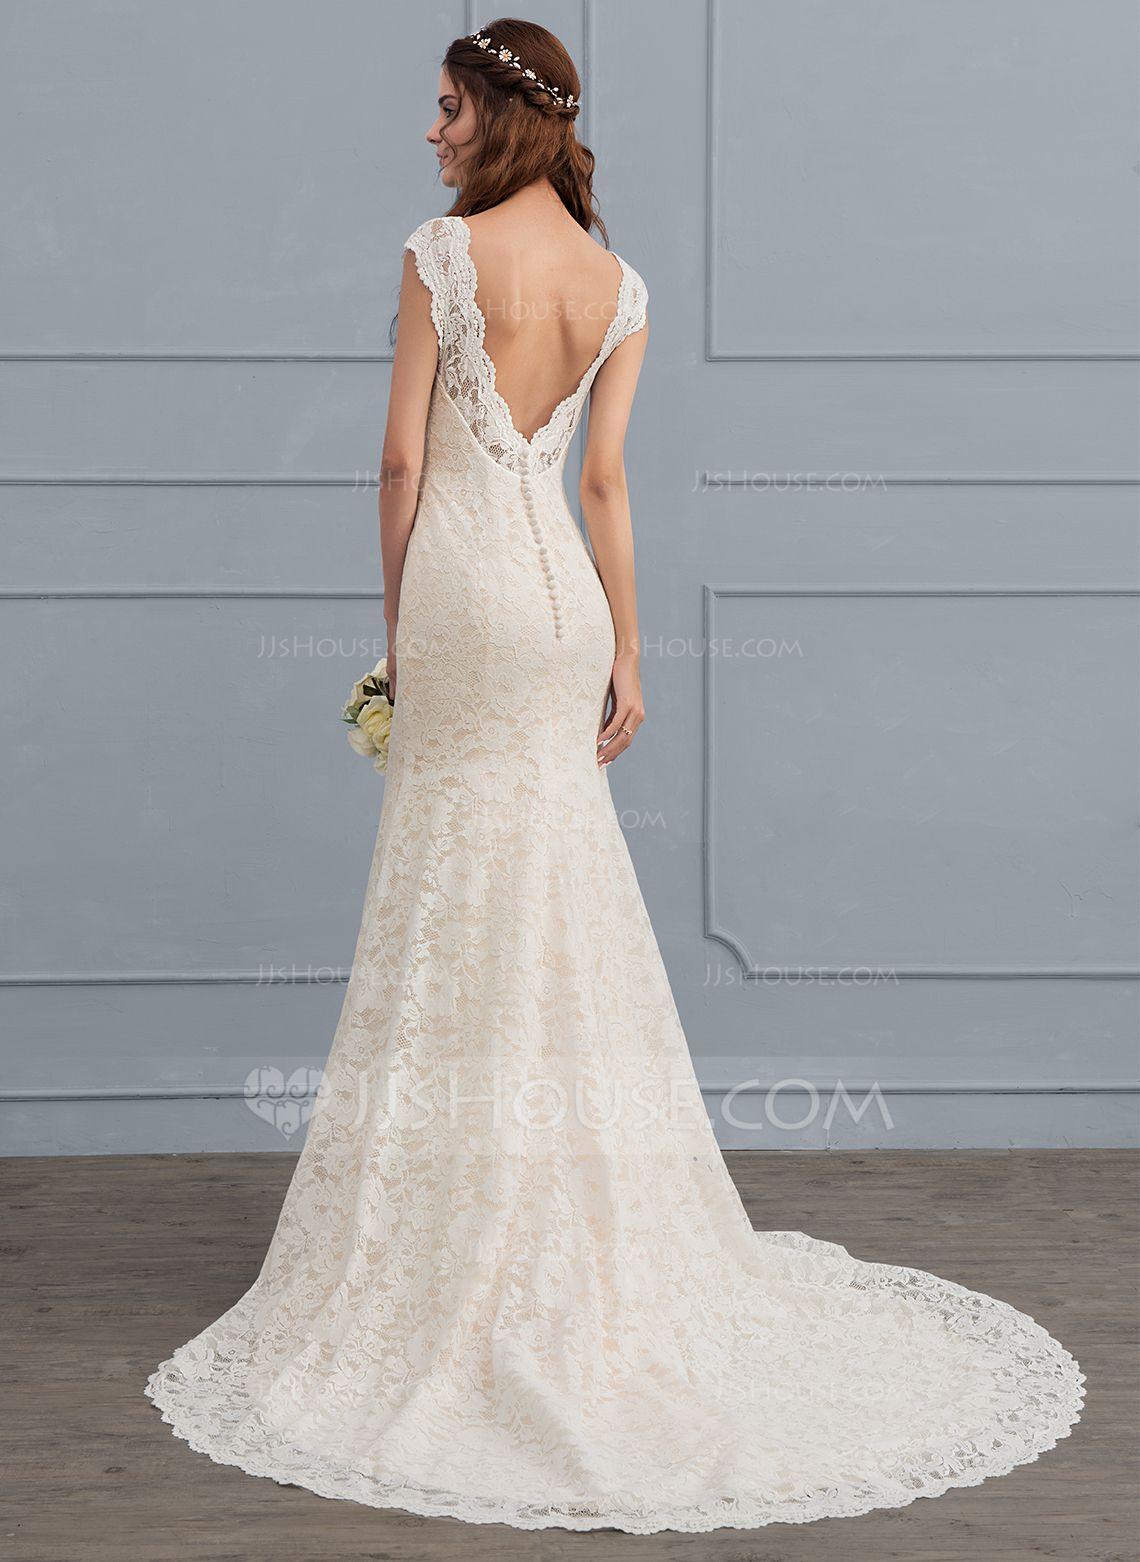 Fantastic Vestidos De Novia 100 Euros Photo - All Wedding Dresses ...